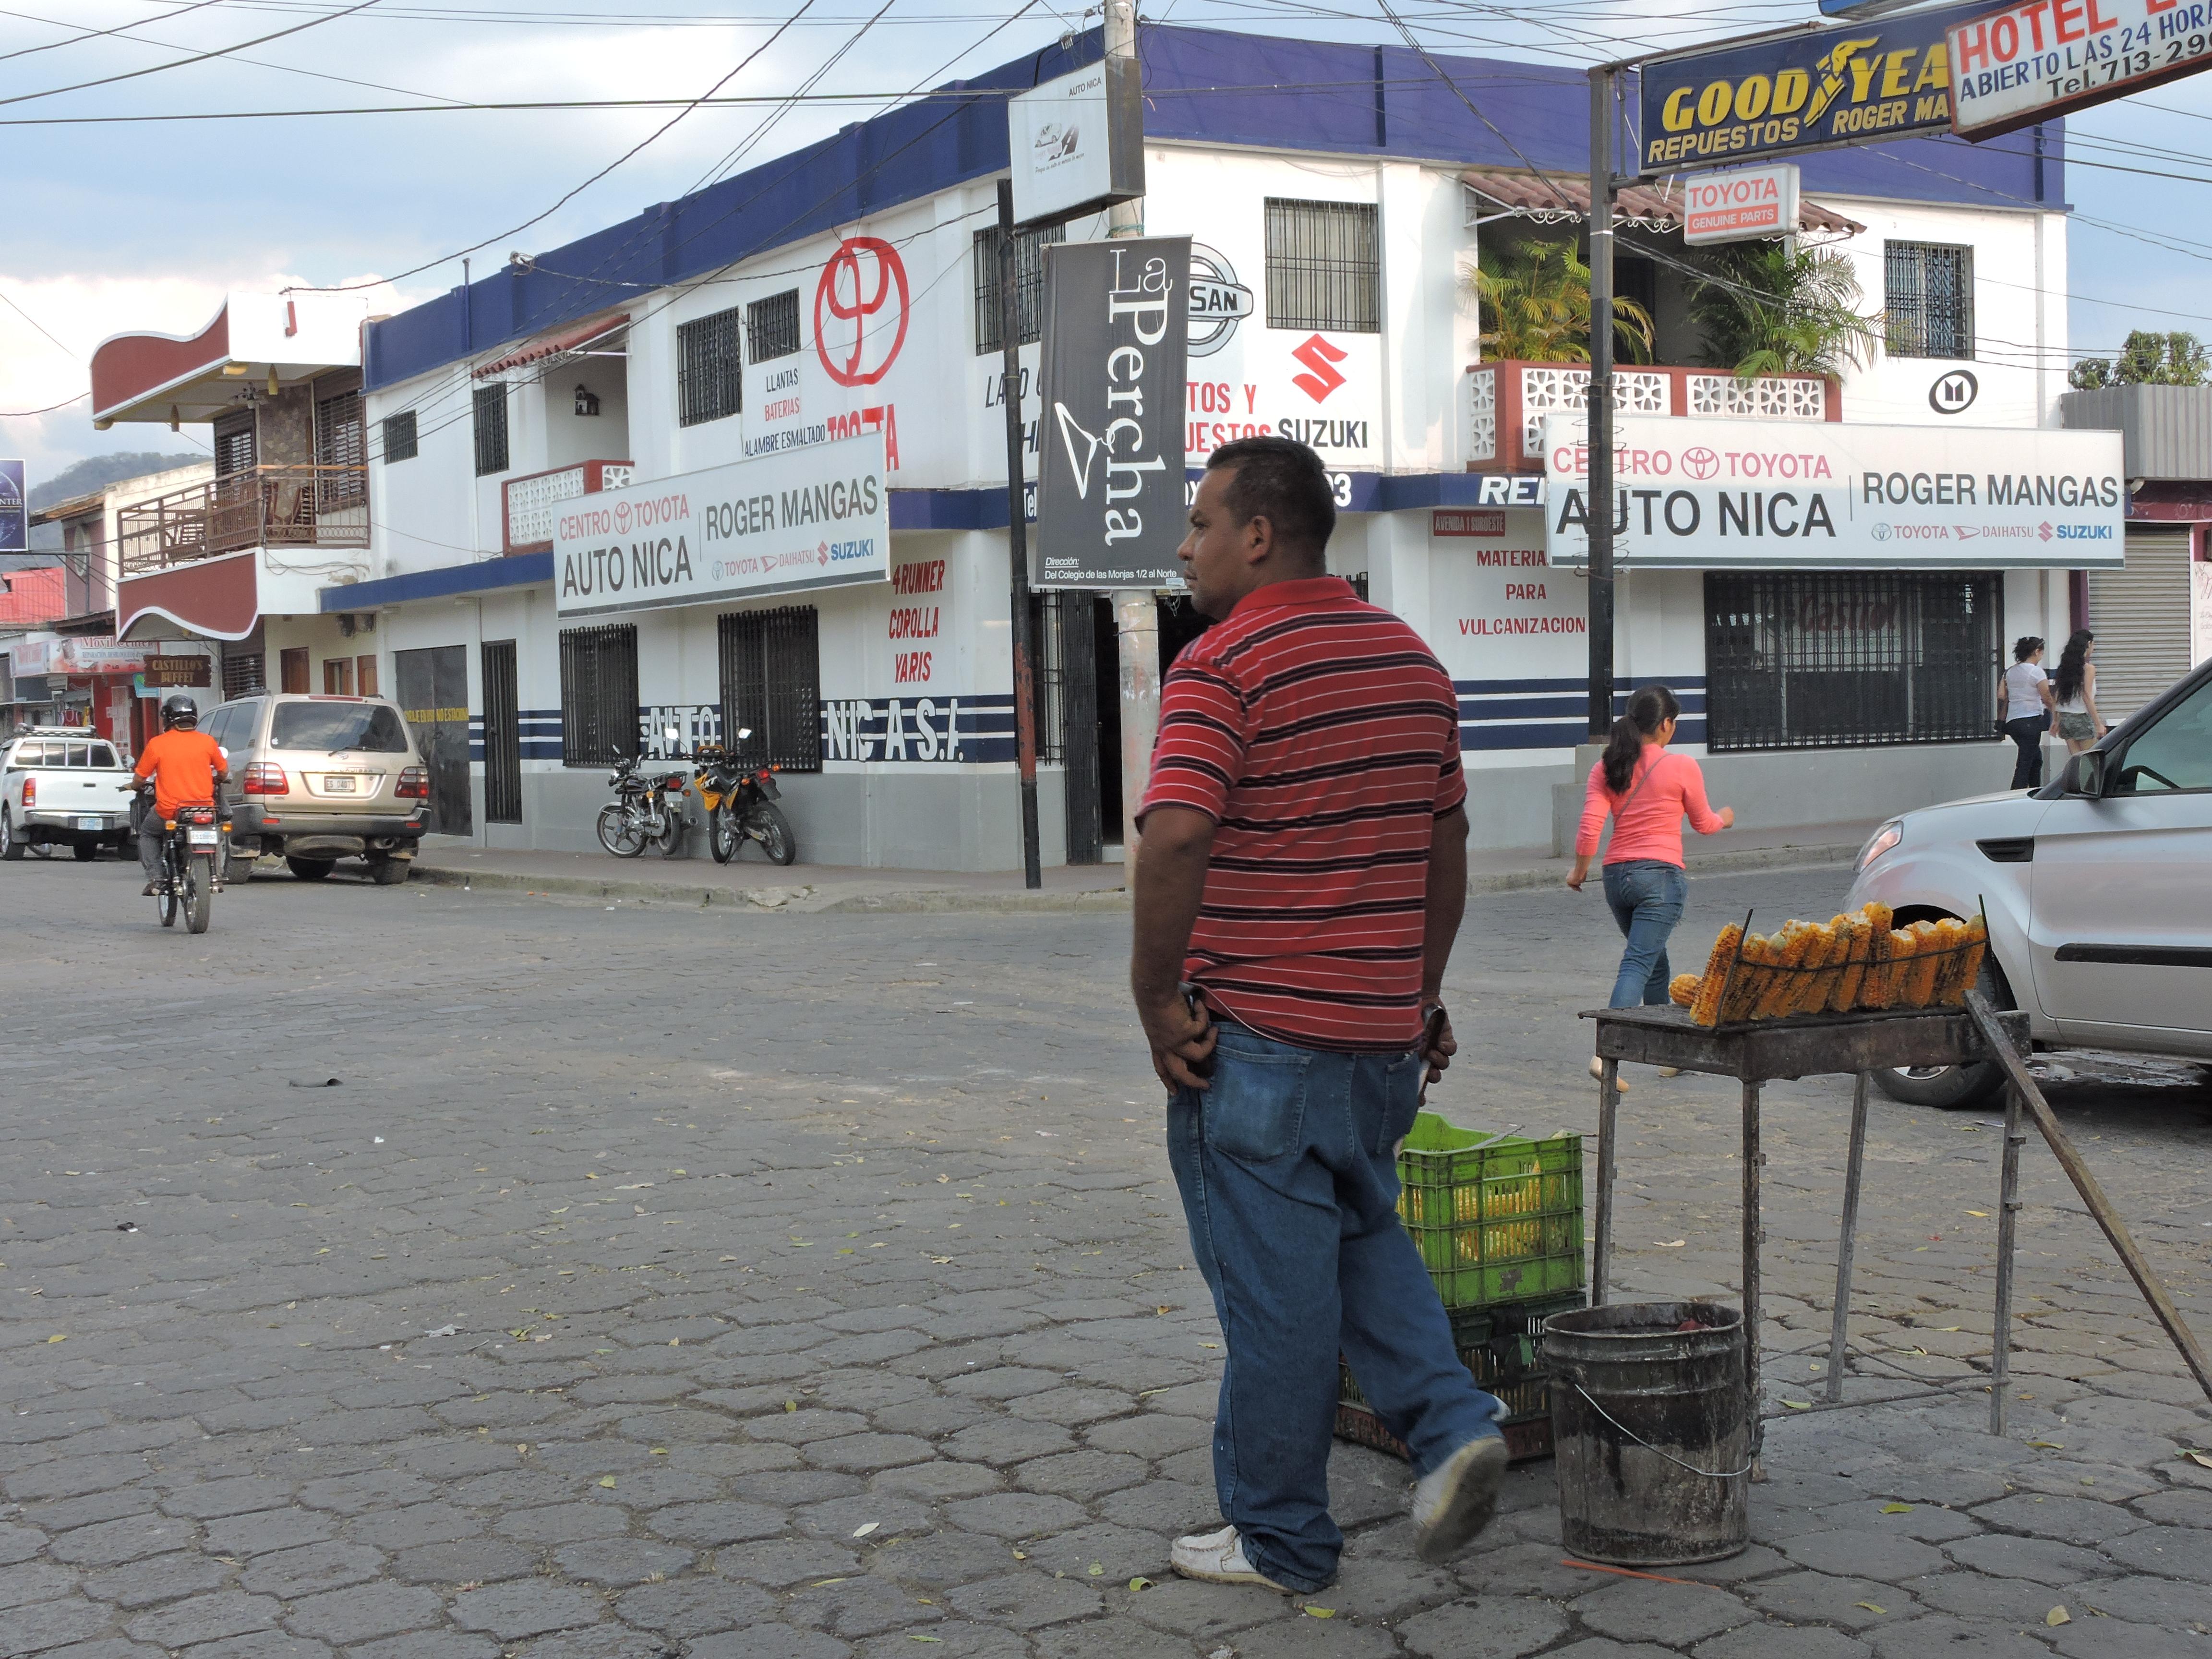 Esteli Nicaragua